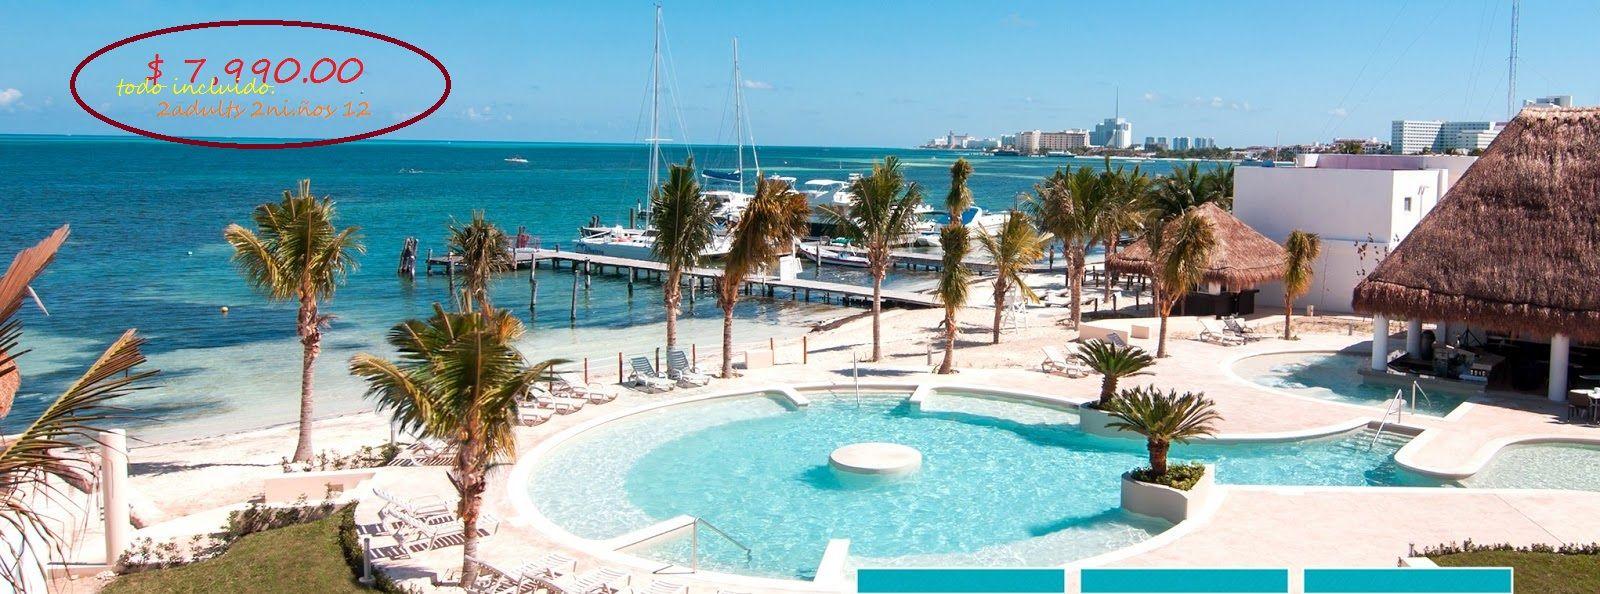 ESCAPATE... SEMA DE PASCUA A CANCÚN. Todo incluido.  pocos espacios. 01800-8415875 sin costo. 9982412842 whatsapp https://www.facebook.com/pages/Cancun-Vacaciones-Adorovacacionar/224384121008957